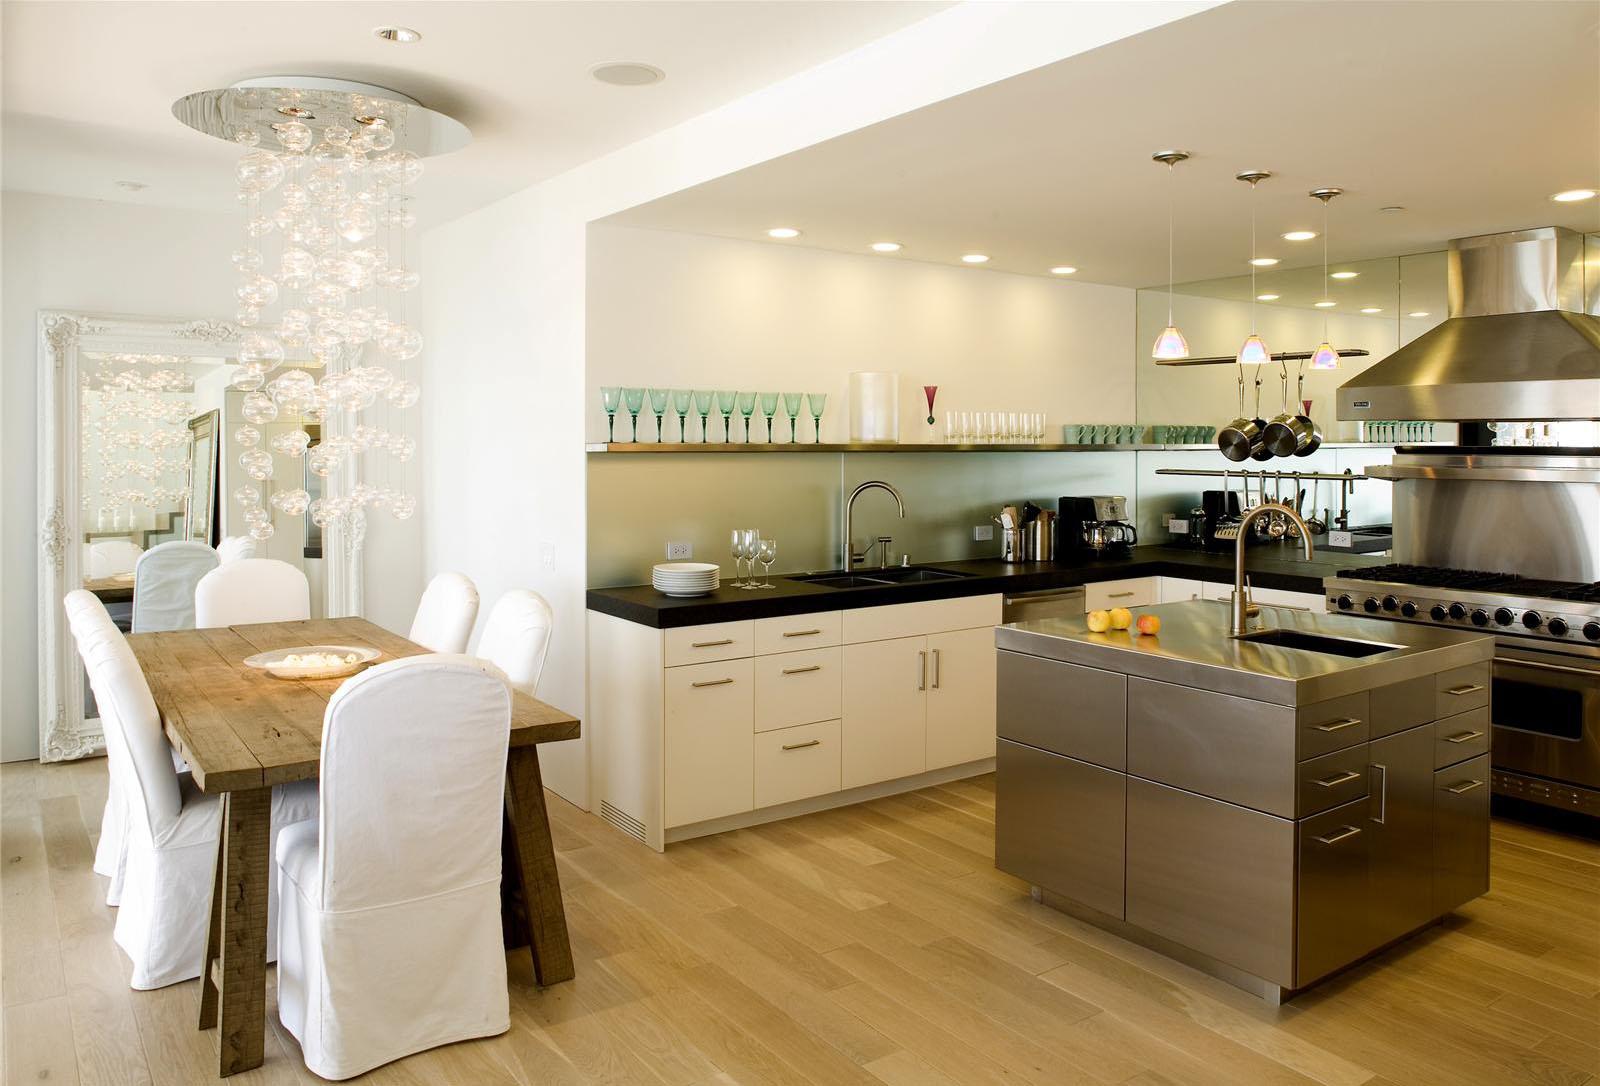 Open kitchen design gallery -  Gallery Albendazoleus Open Kitchen Design Download